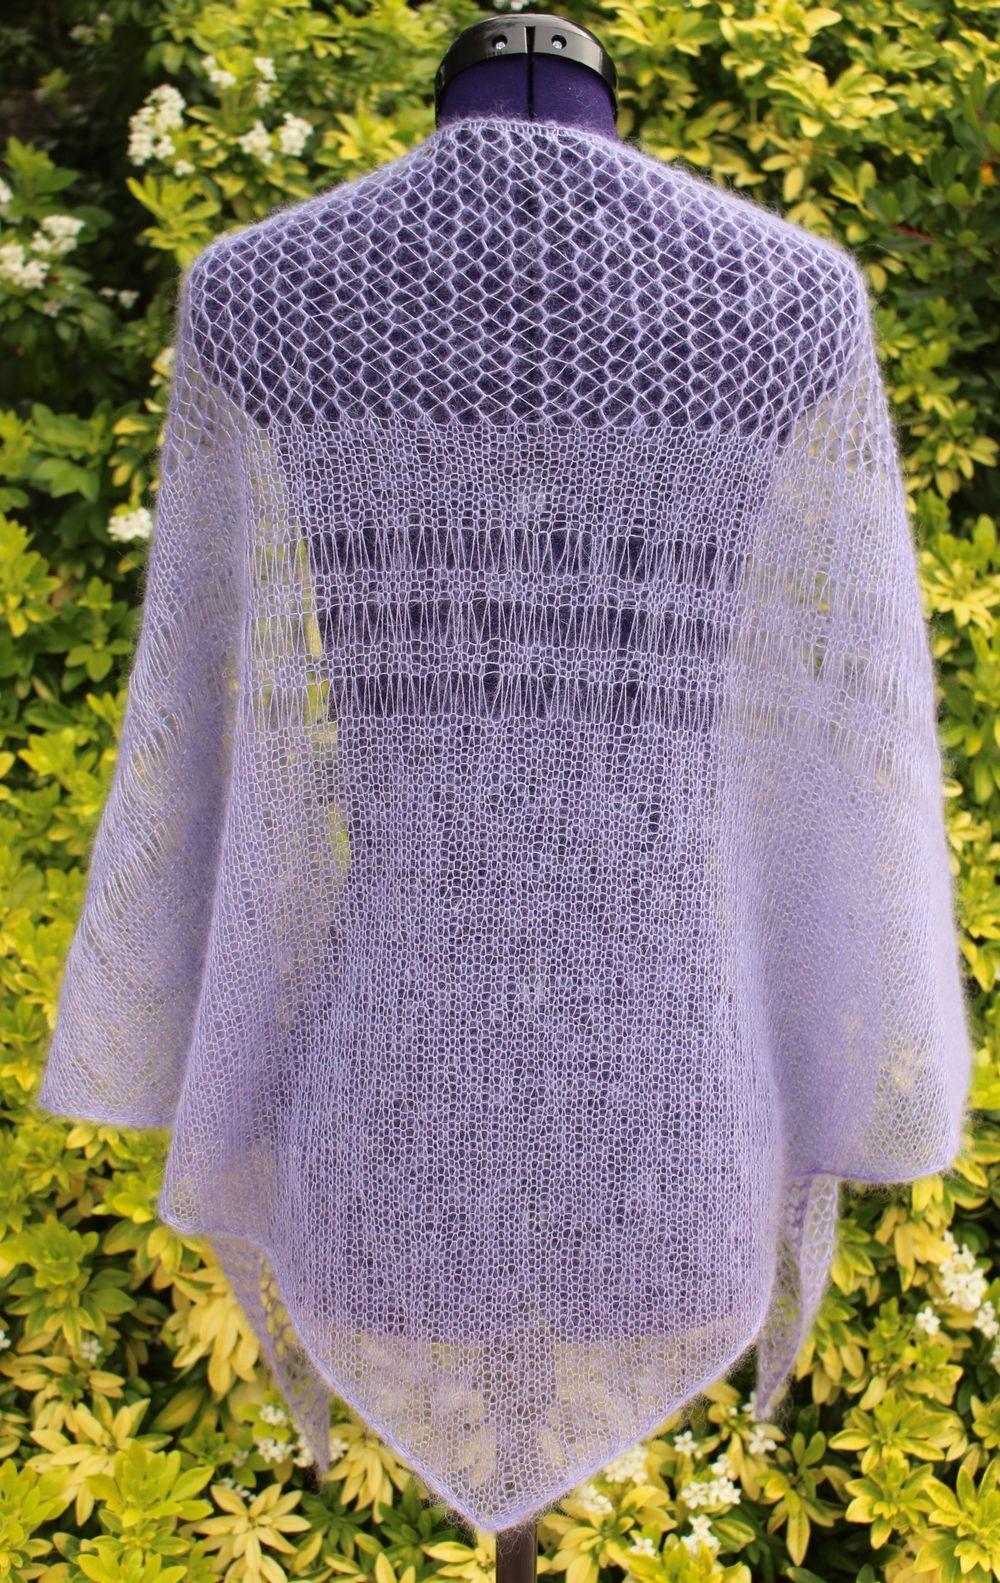 96d6a9ad7334 Châle tricoté main, étole en dentelle, chèche en mohair et soie avec points  ajourés, coloris mauve